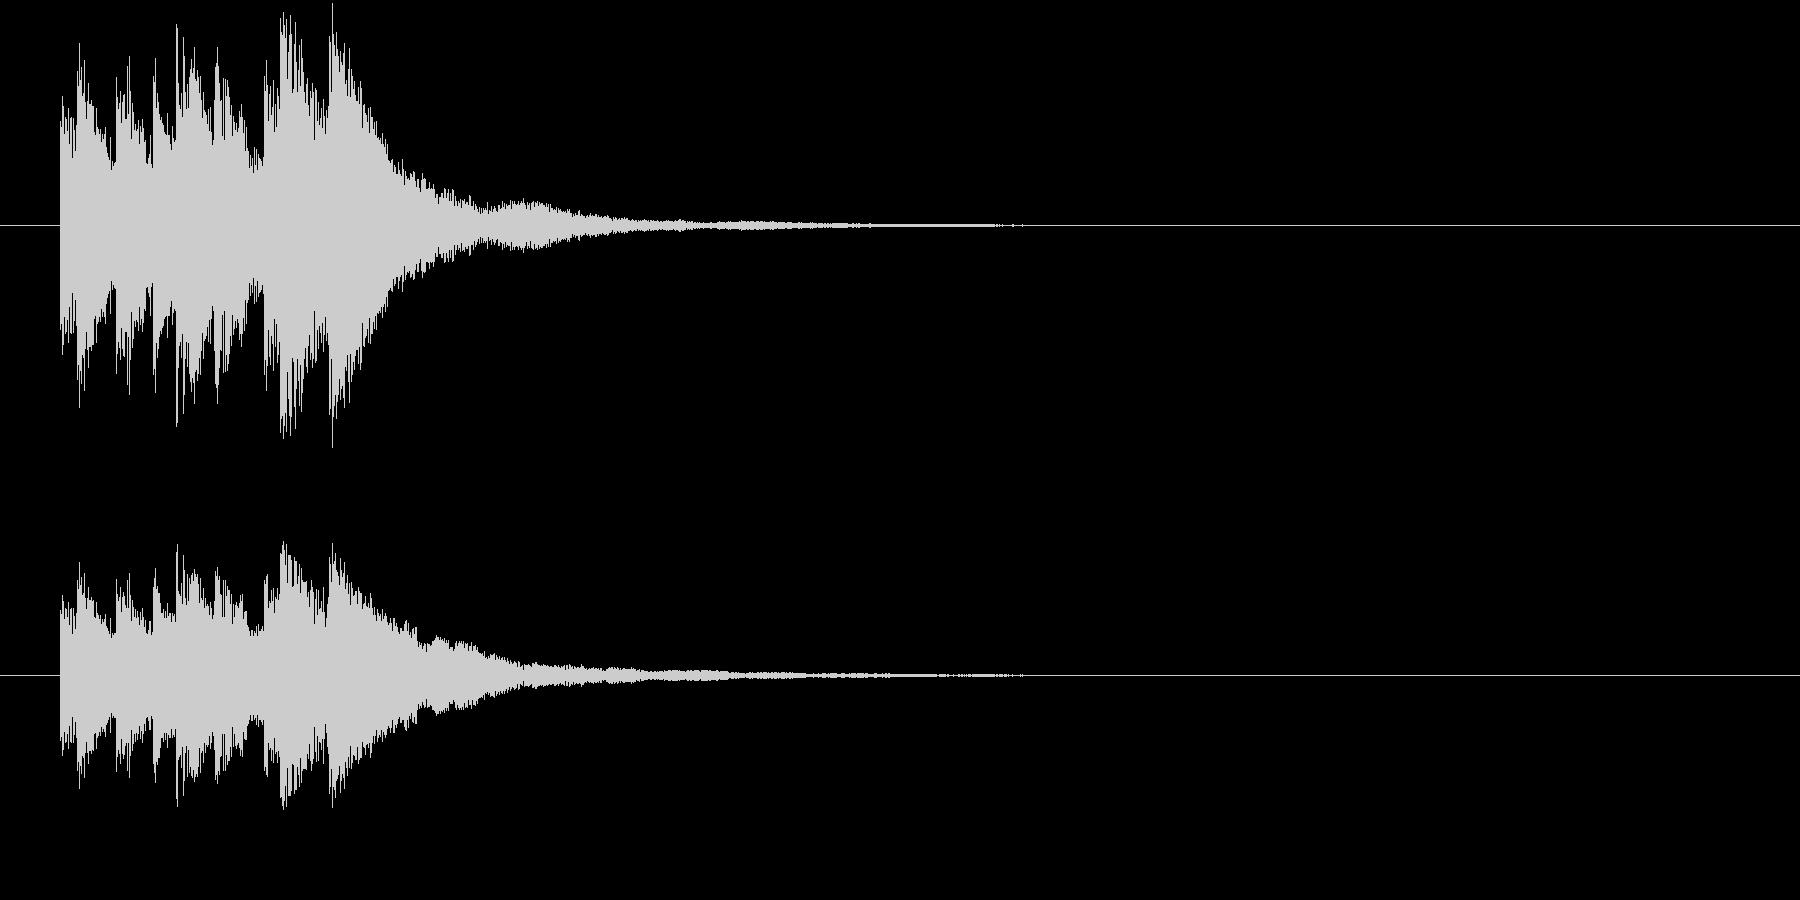 キラリン キラキラ 星 グロッケン 5の未再生の波形